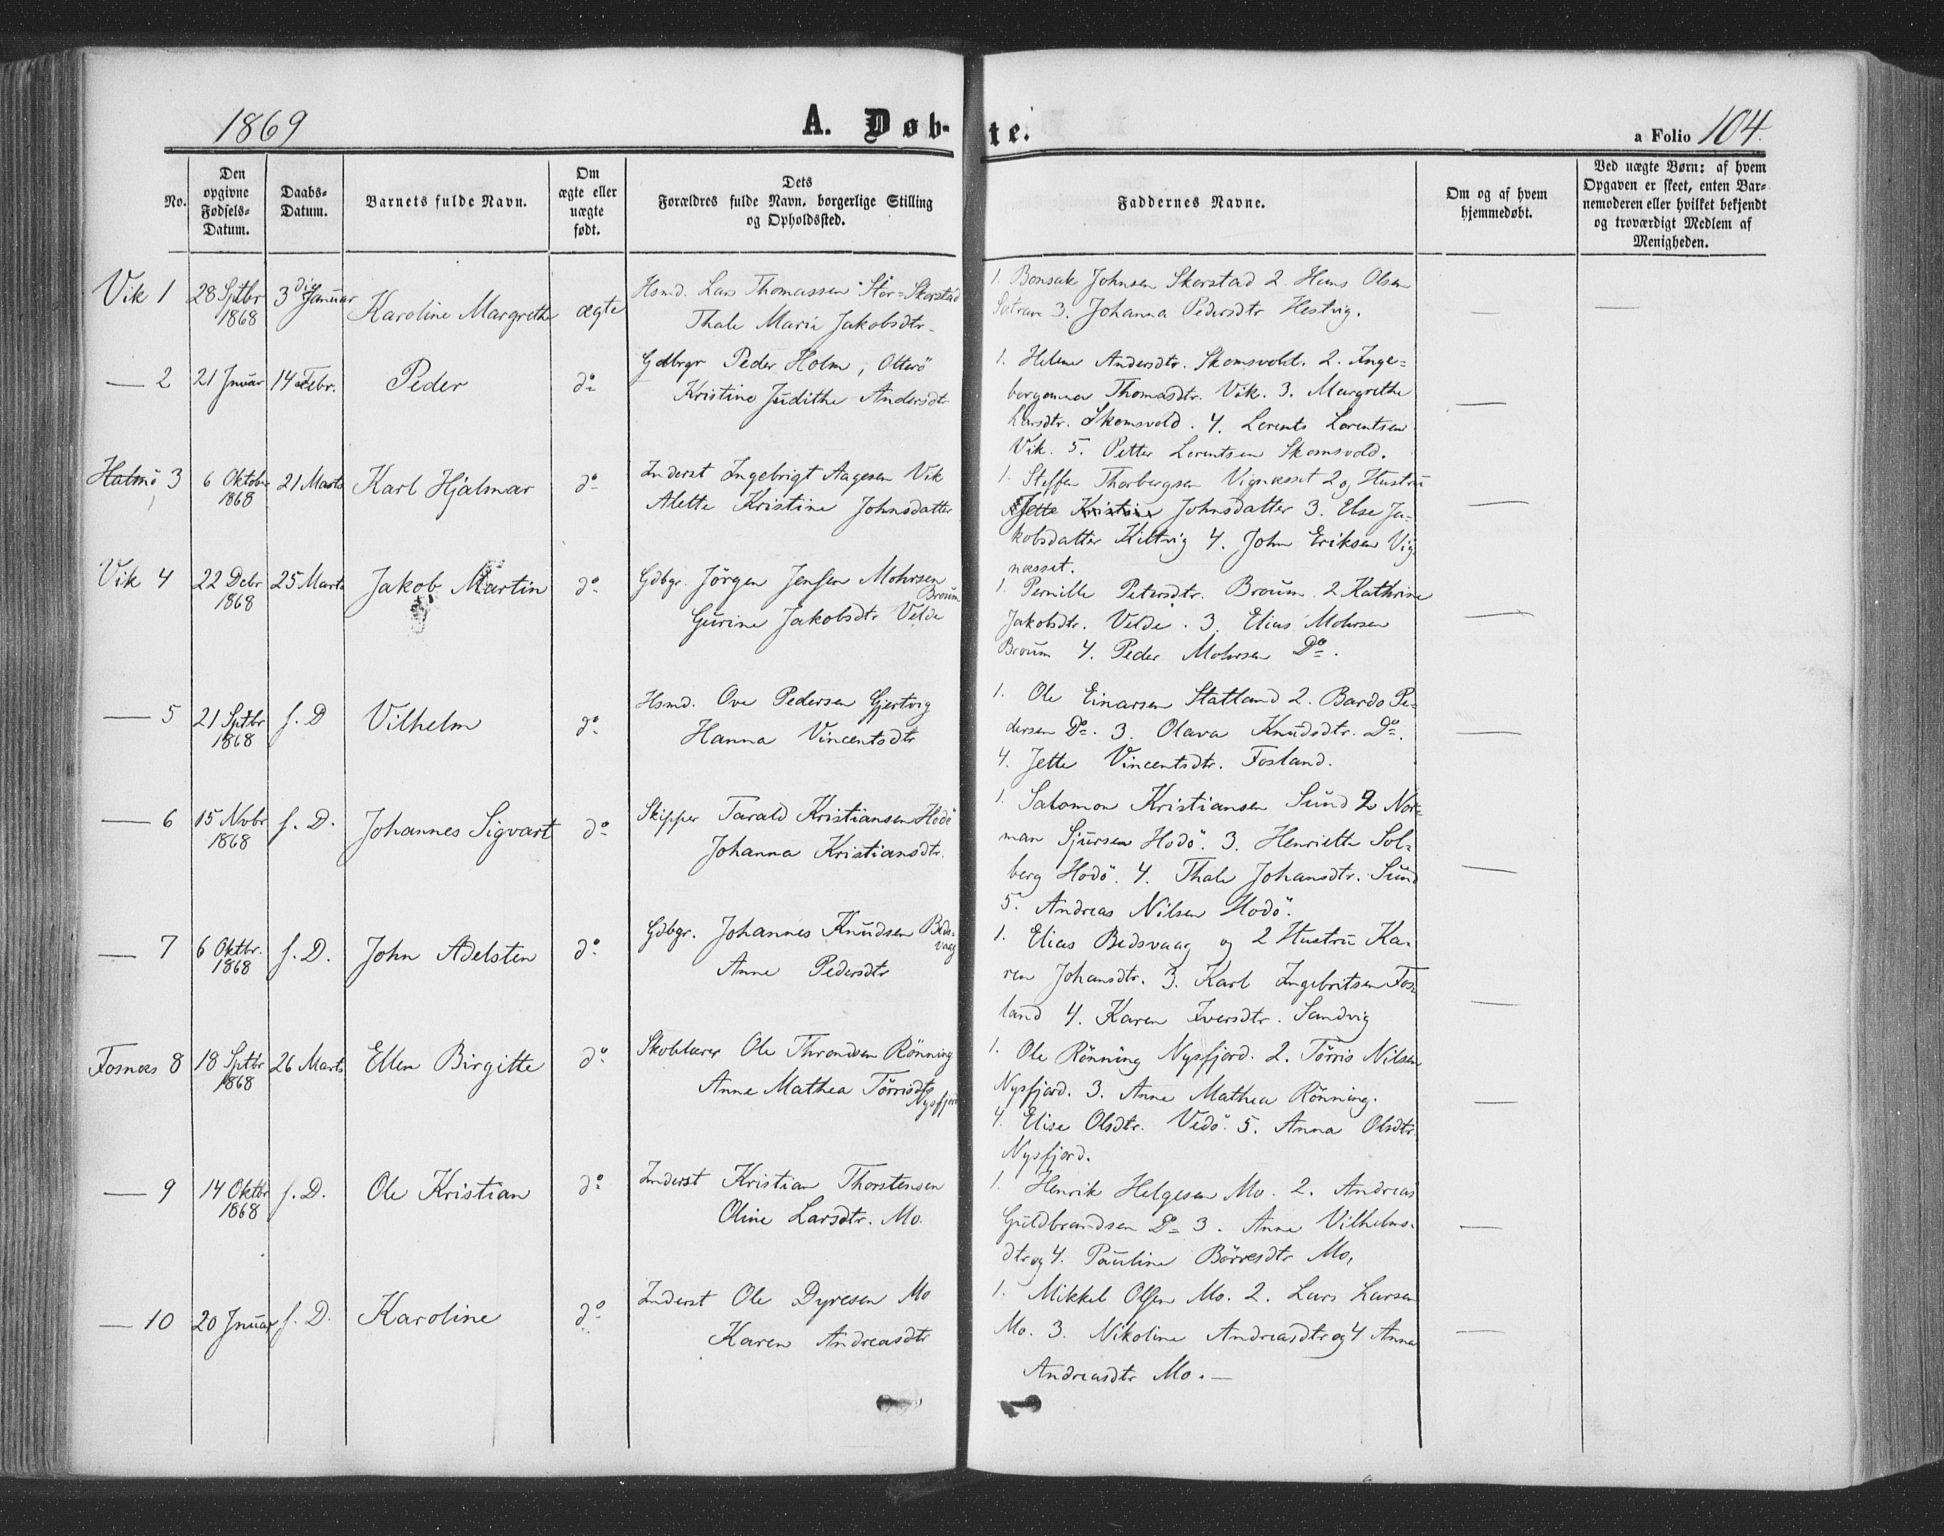 SAT, Ministerialprotokoller, klokkerbøker og fødselsregistre - Nord-Trøndelag, 773/L0615: Ministerialbok nr. 773A06, 1857-1870, s. 104